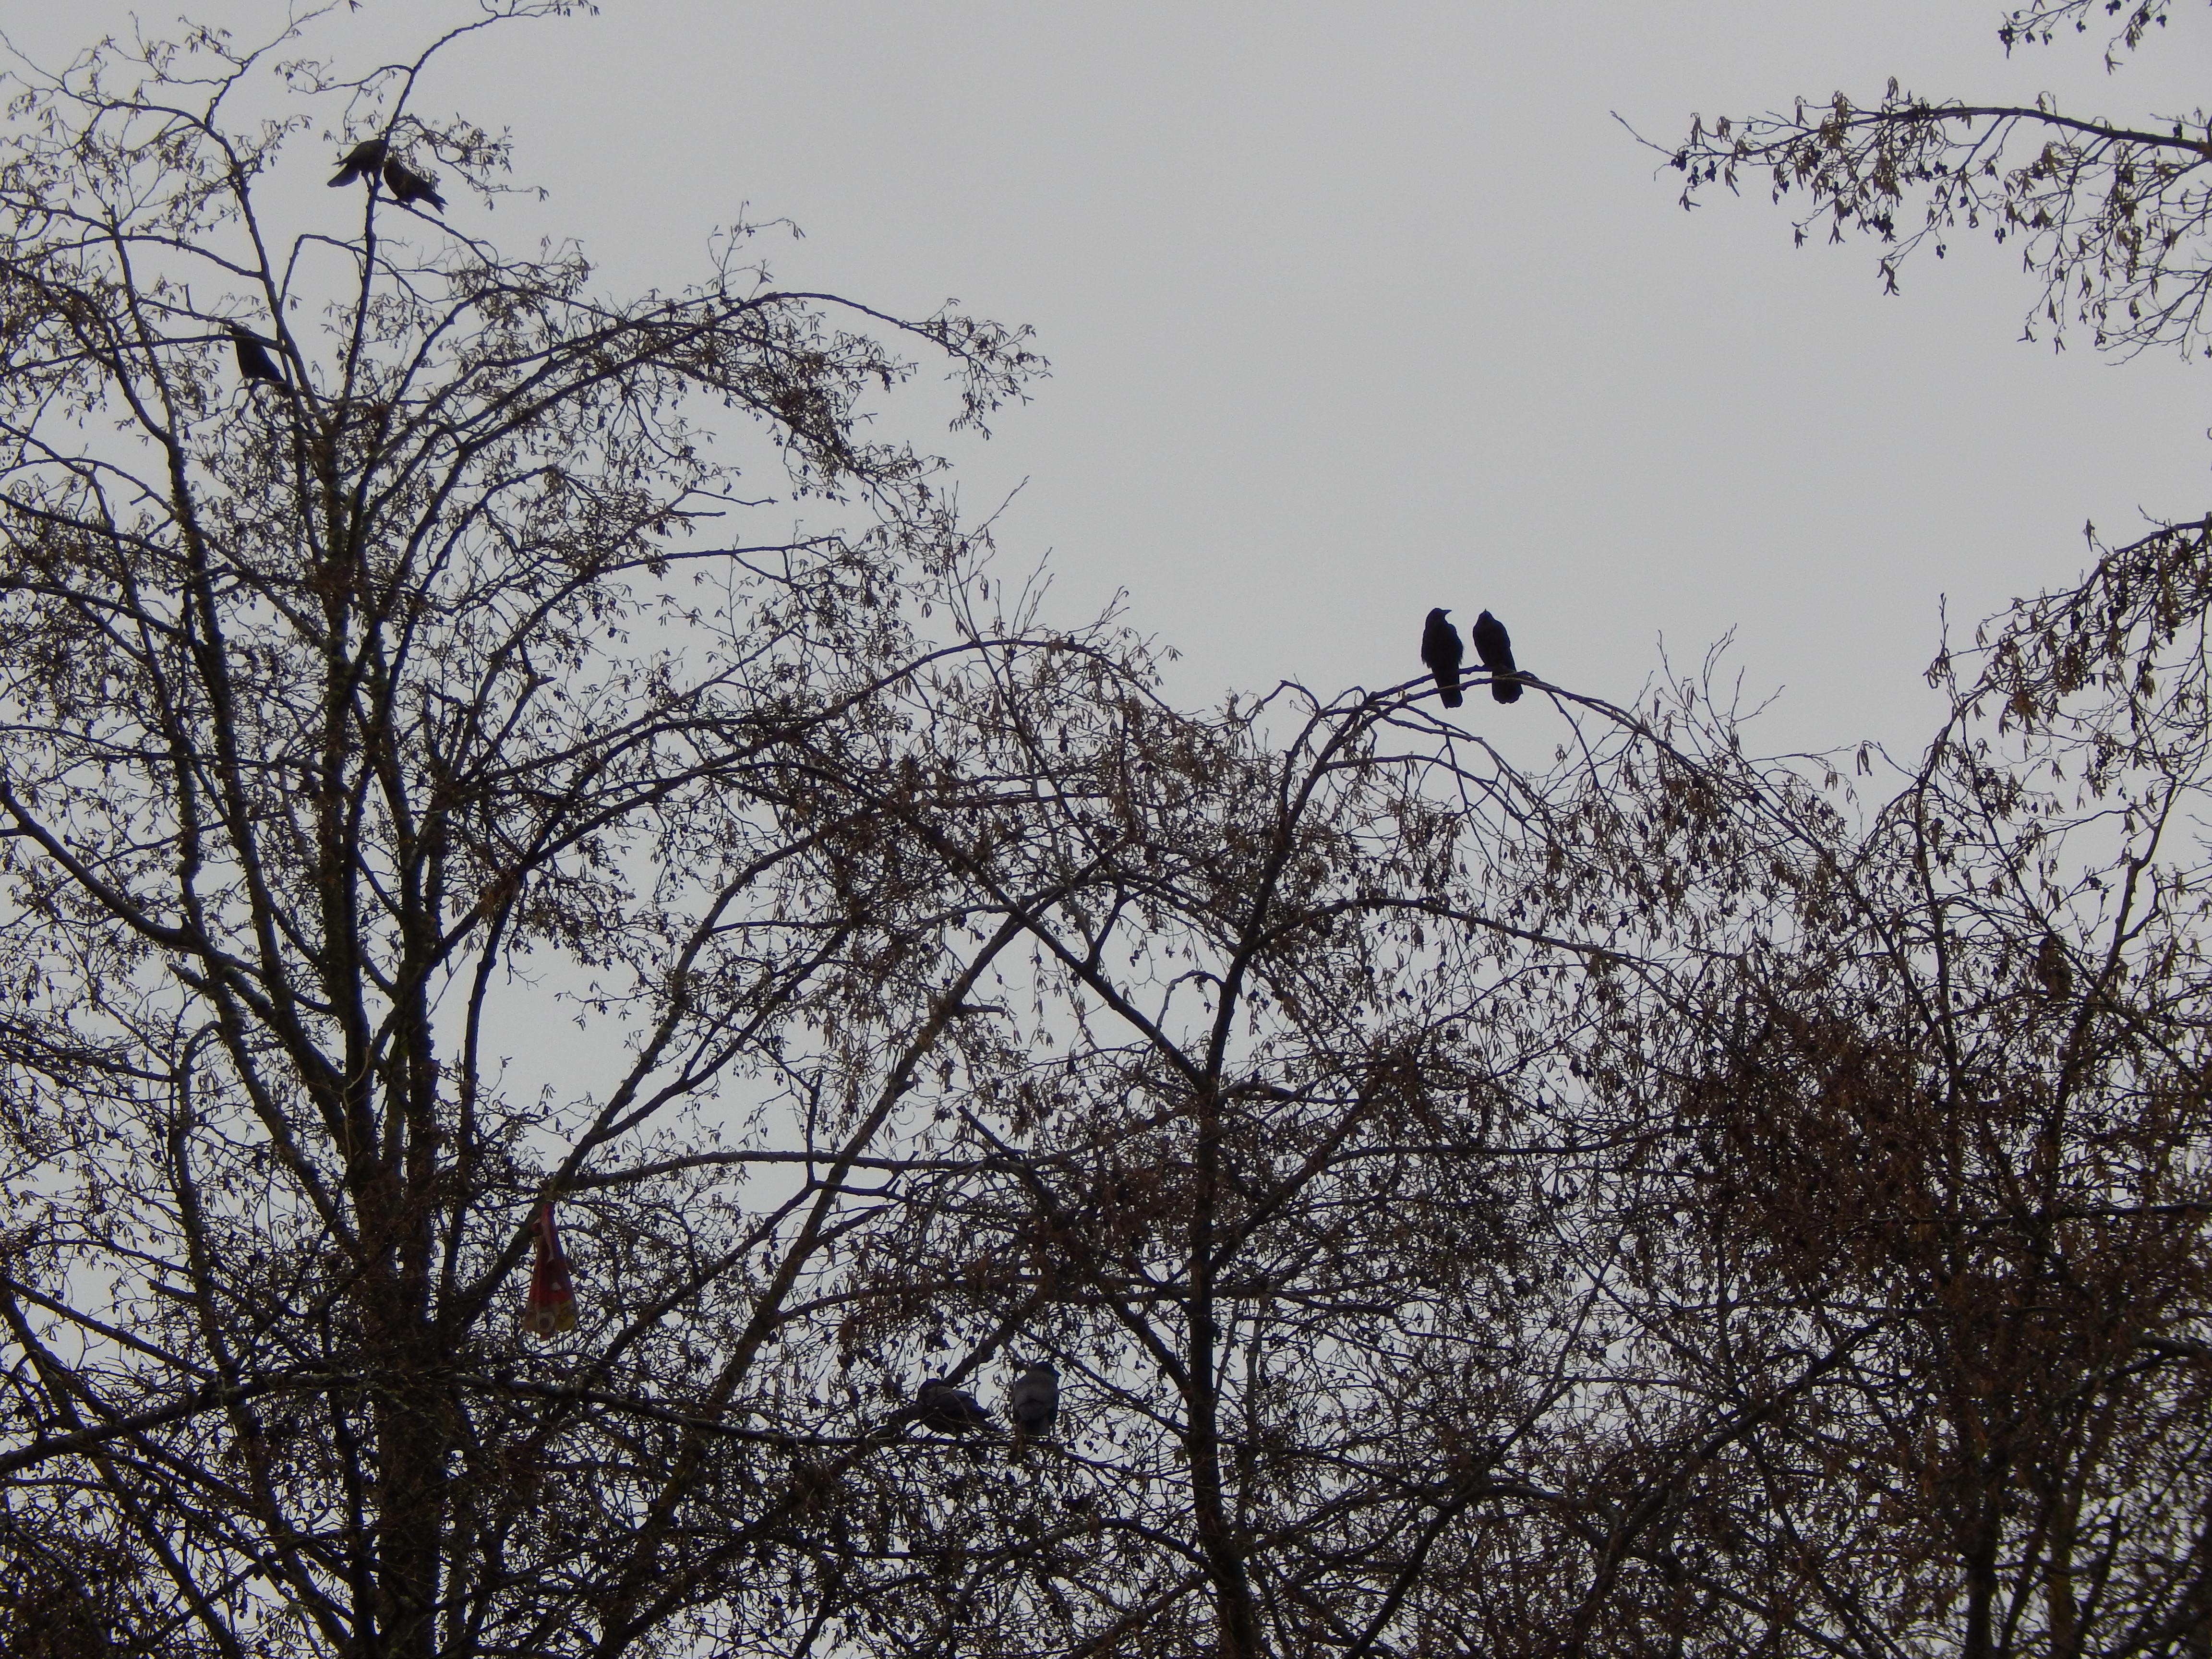 Triplet of Crow Pairs